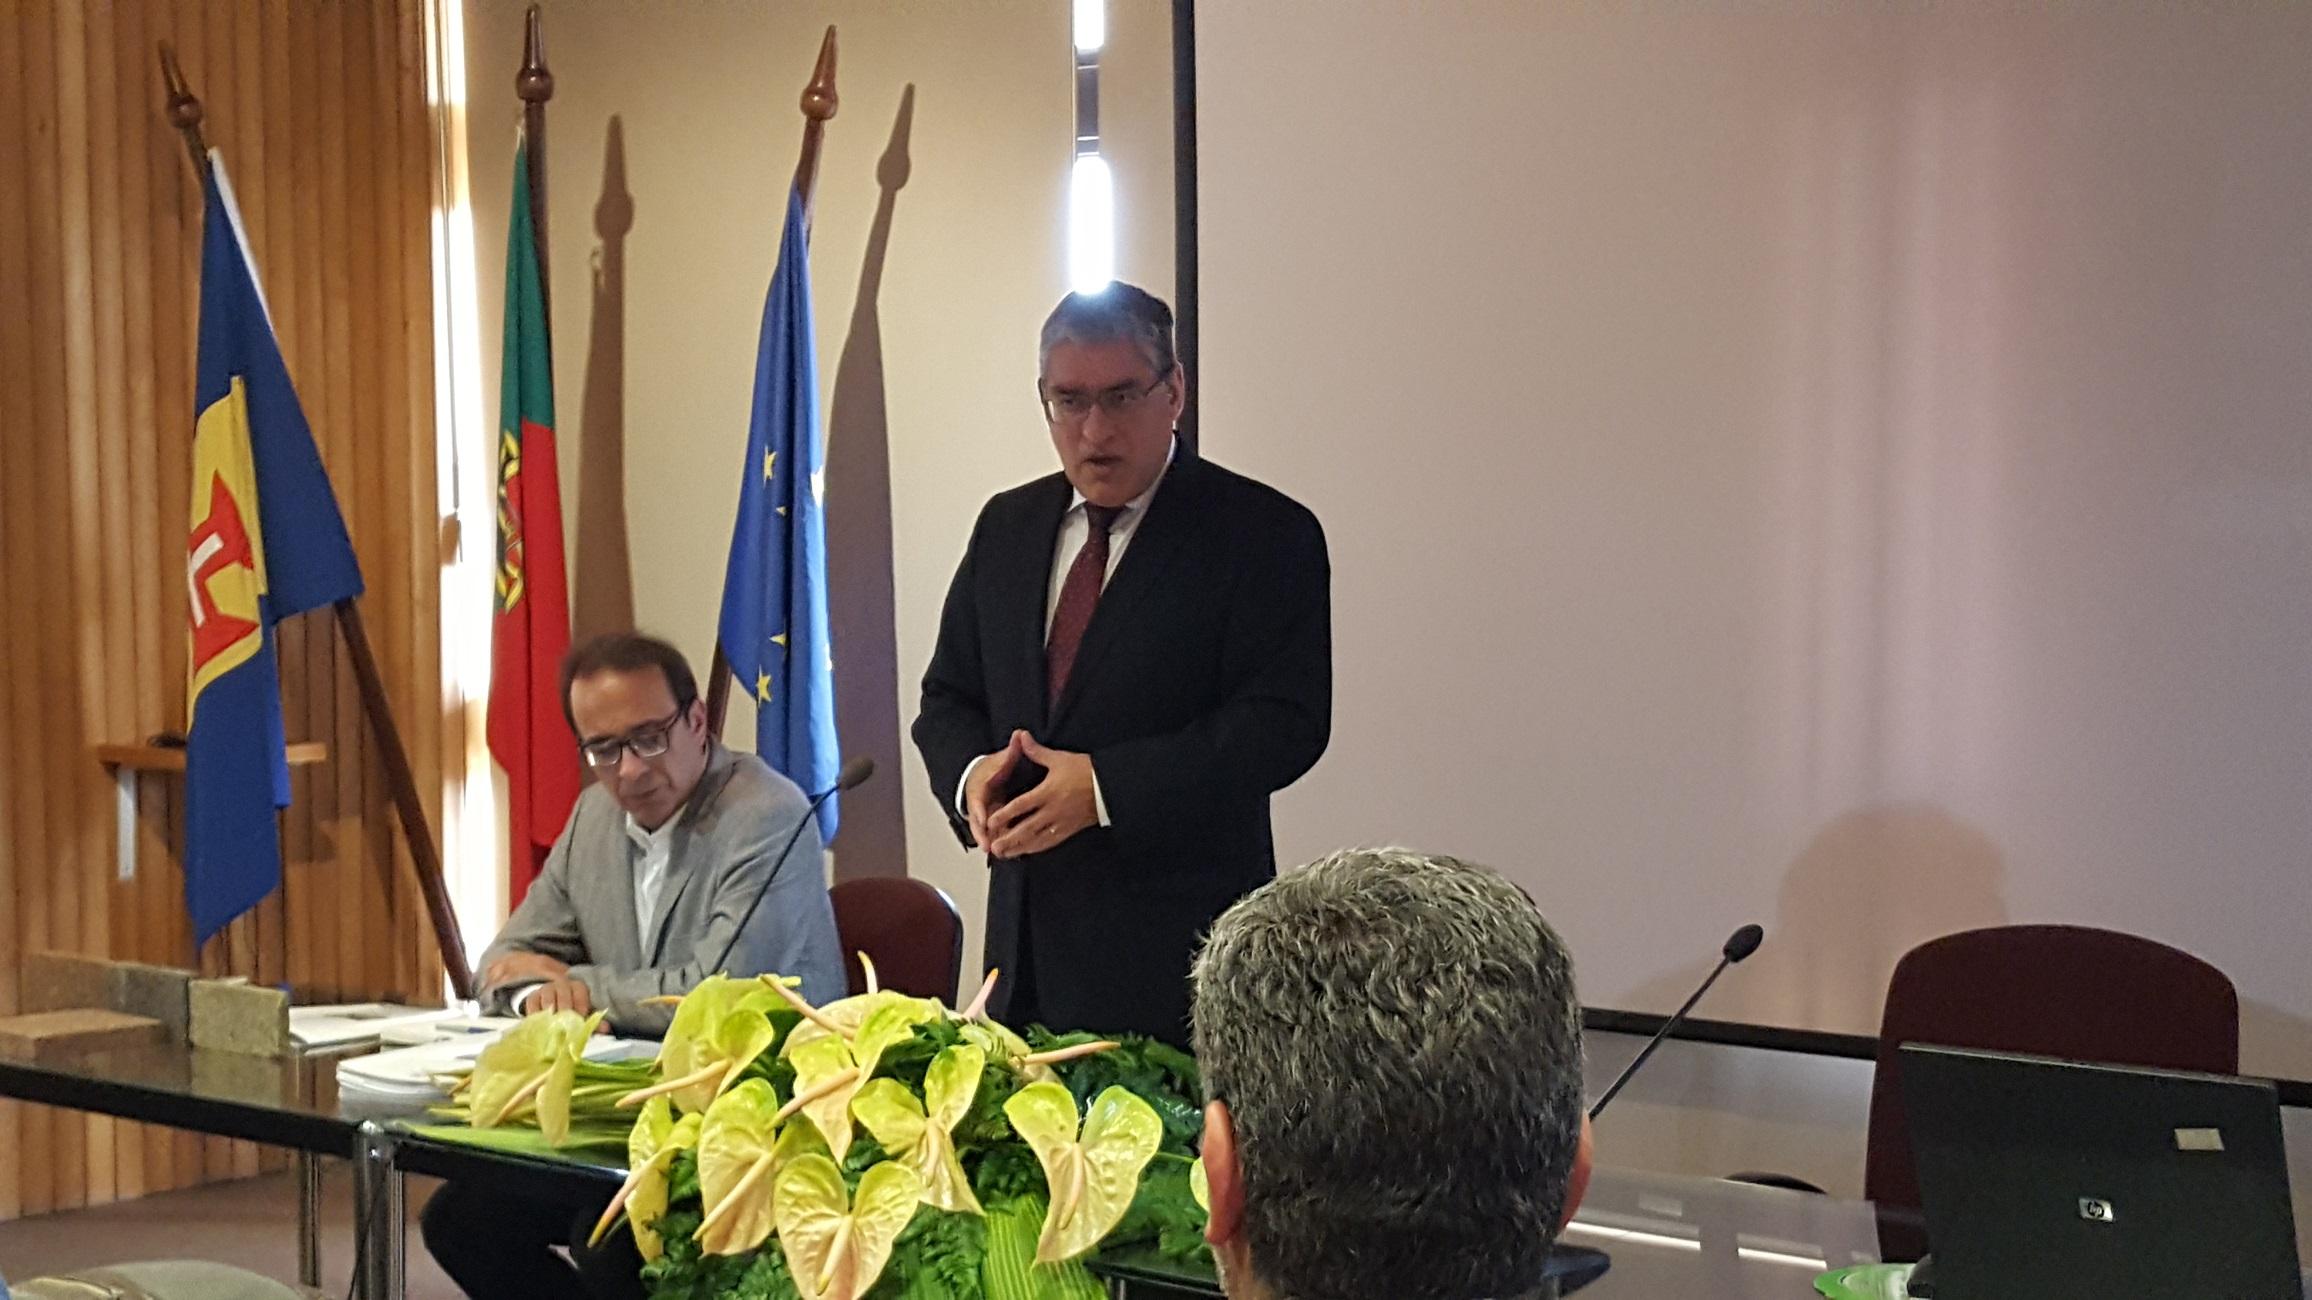 1ª reunião da Comissão Técnica do Pão Tradicional da Madeira